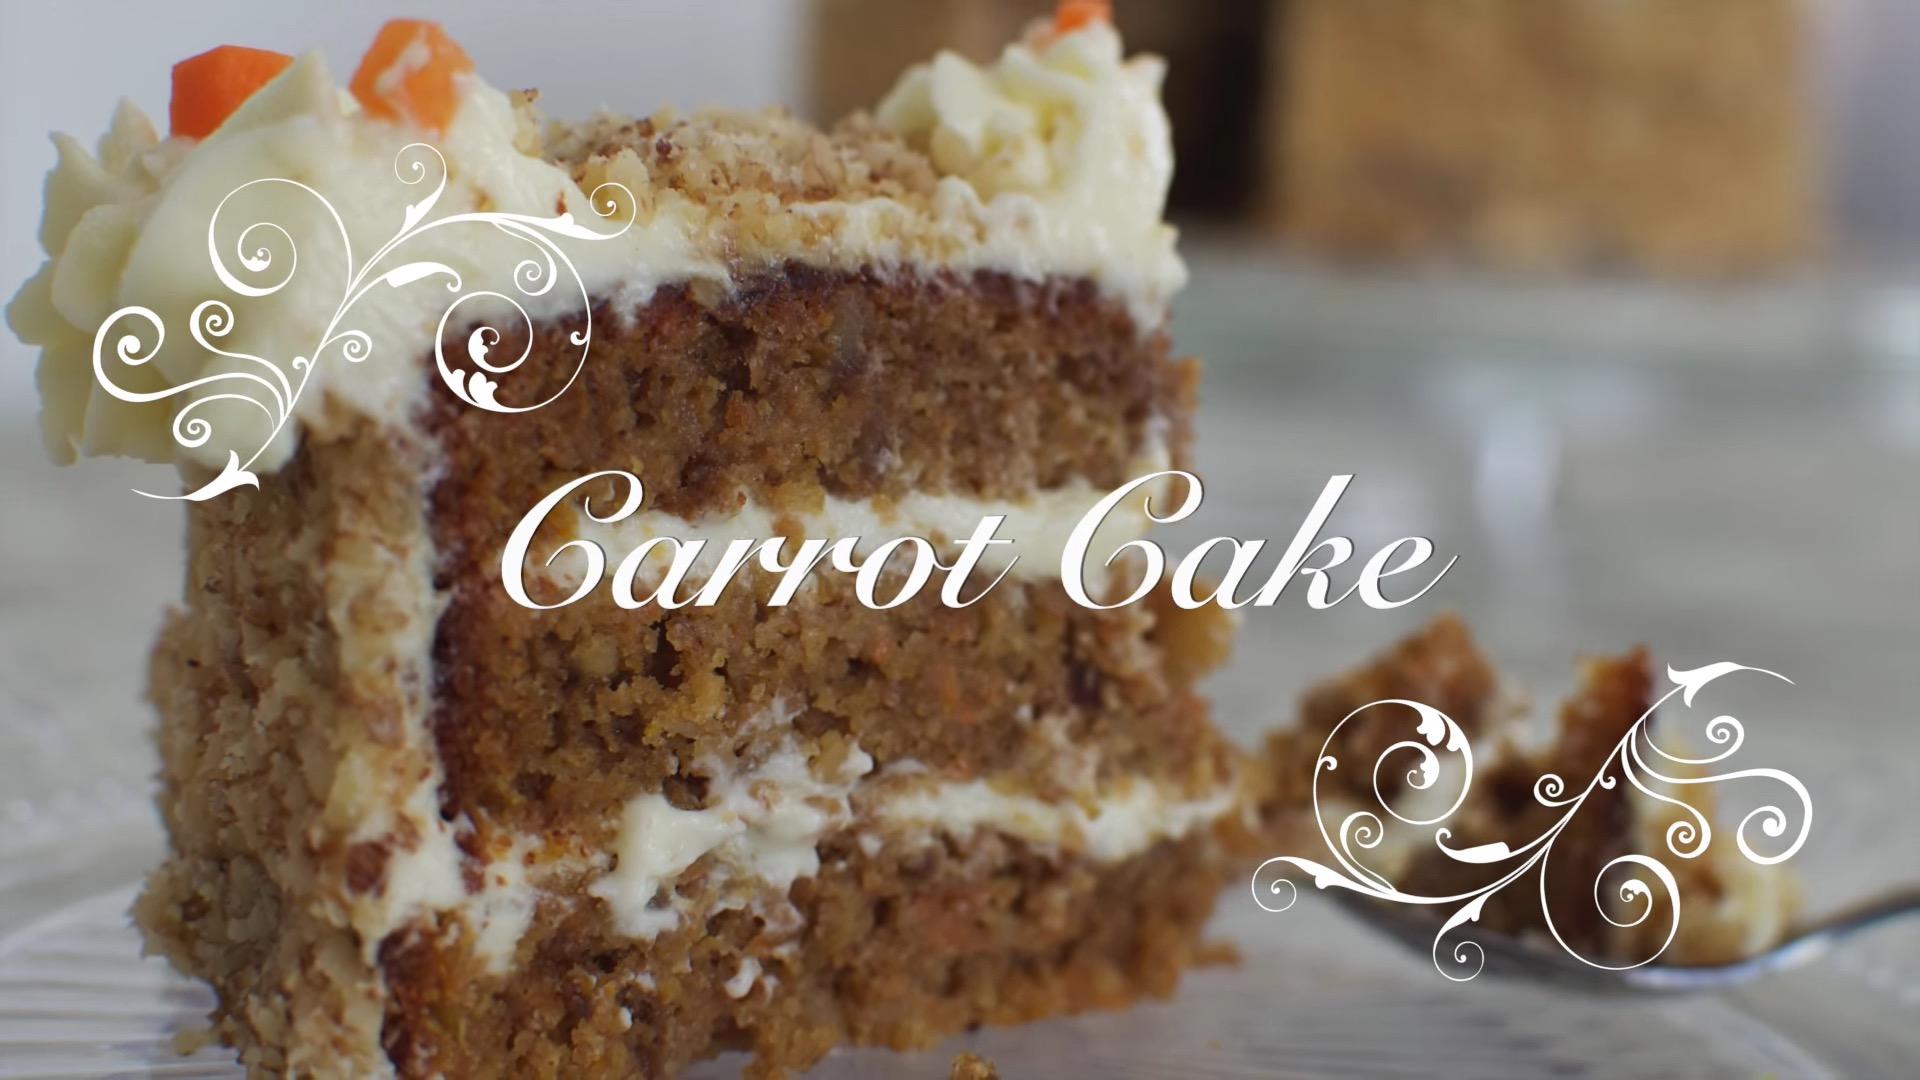 Receta de Carrot Cake en Español